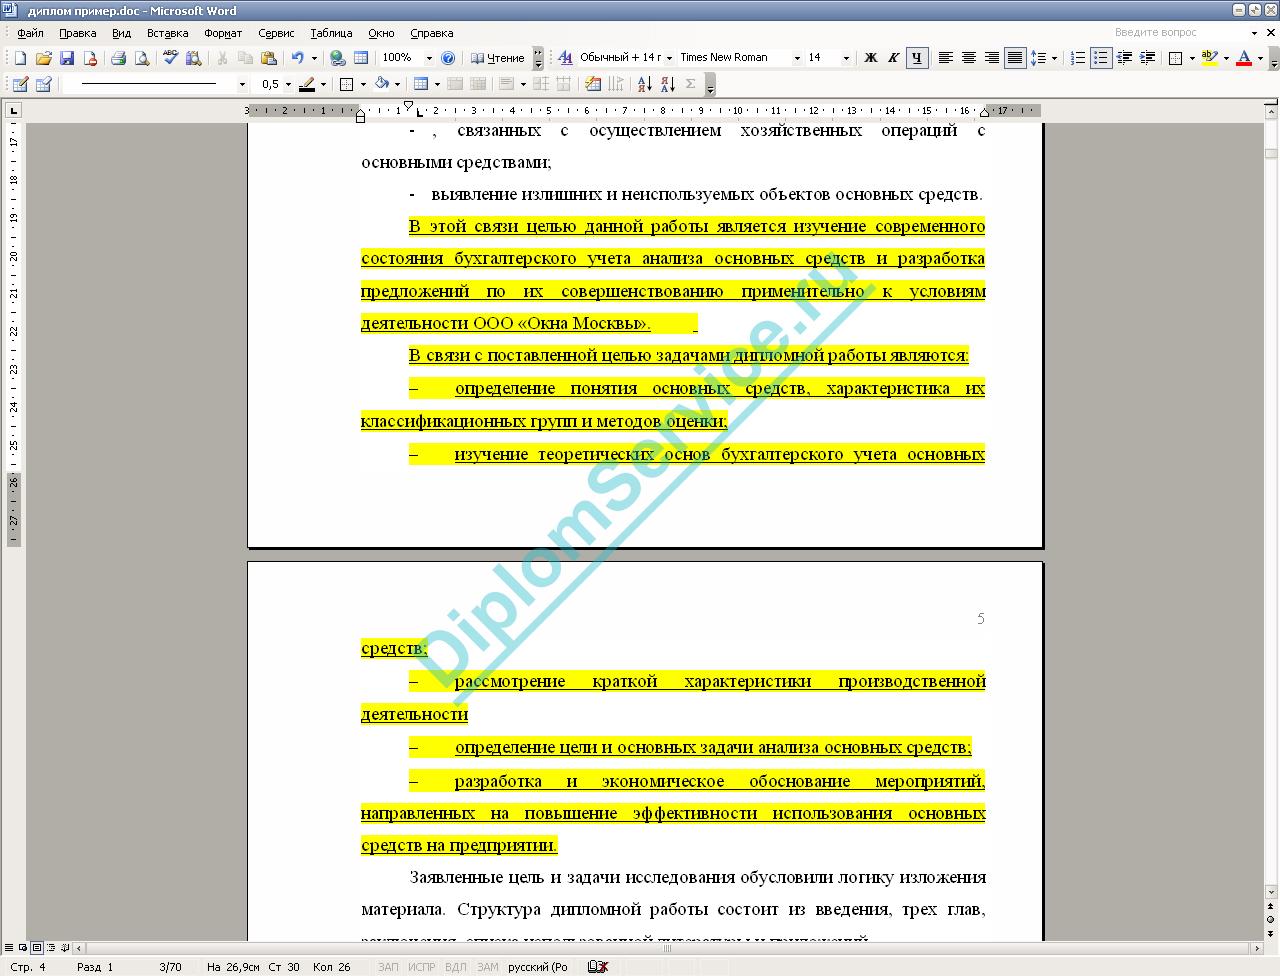 Структура и правила написания качественной дипломной работы Приступаем к написанию введения Введение является очень важной деталью работы Как правило по тому как написаны введение и заключение диплома у